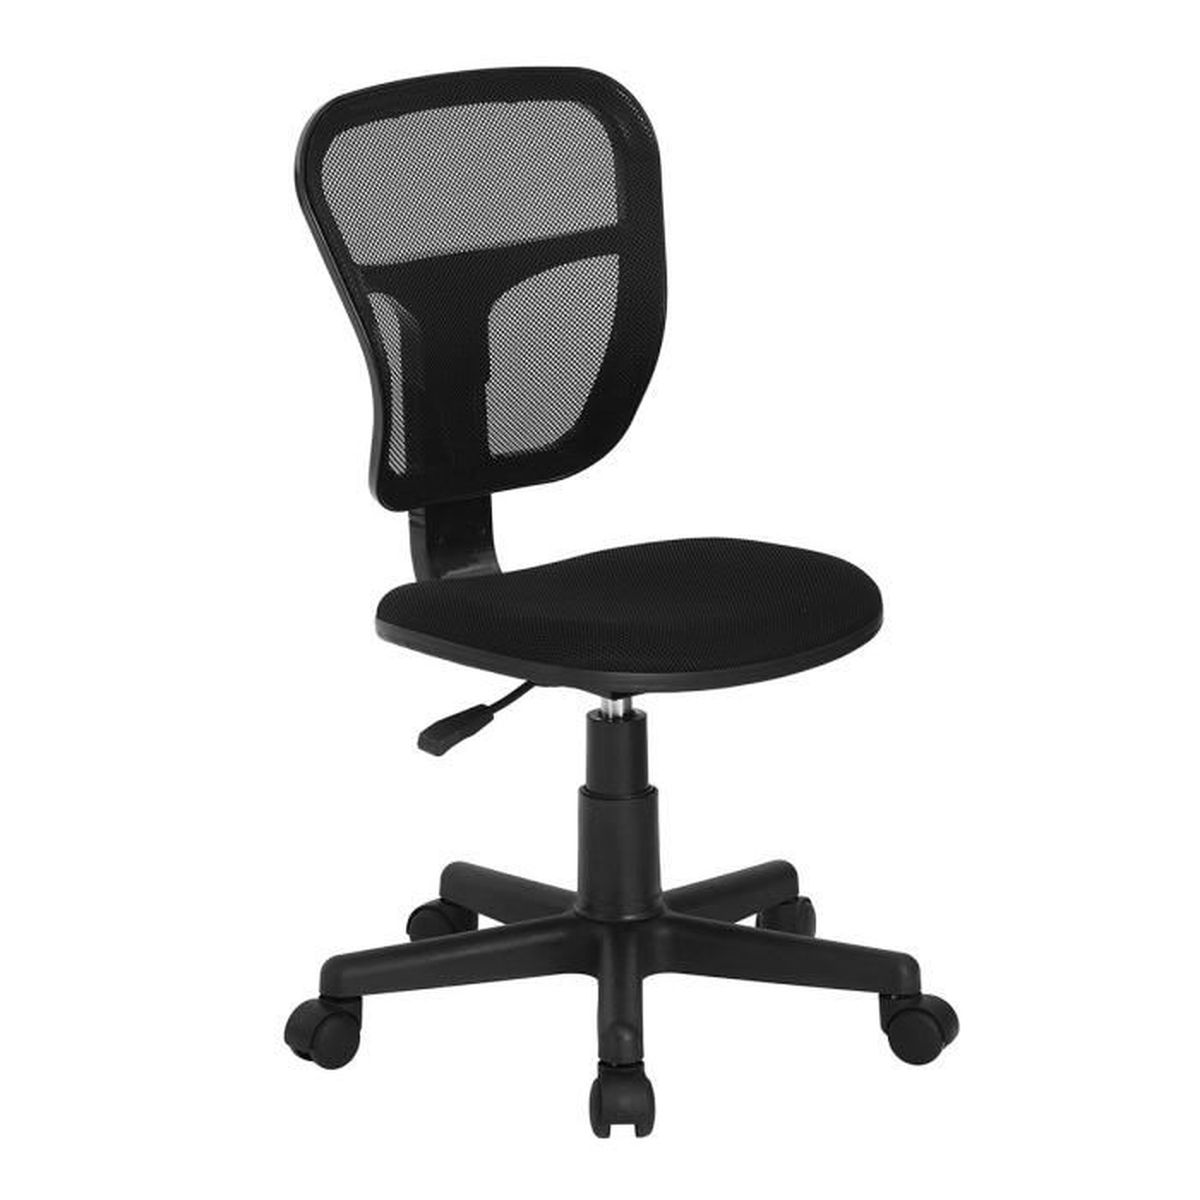 marvelous chaise de bureau originale #1: chaise bureaux design tess